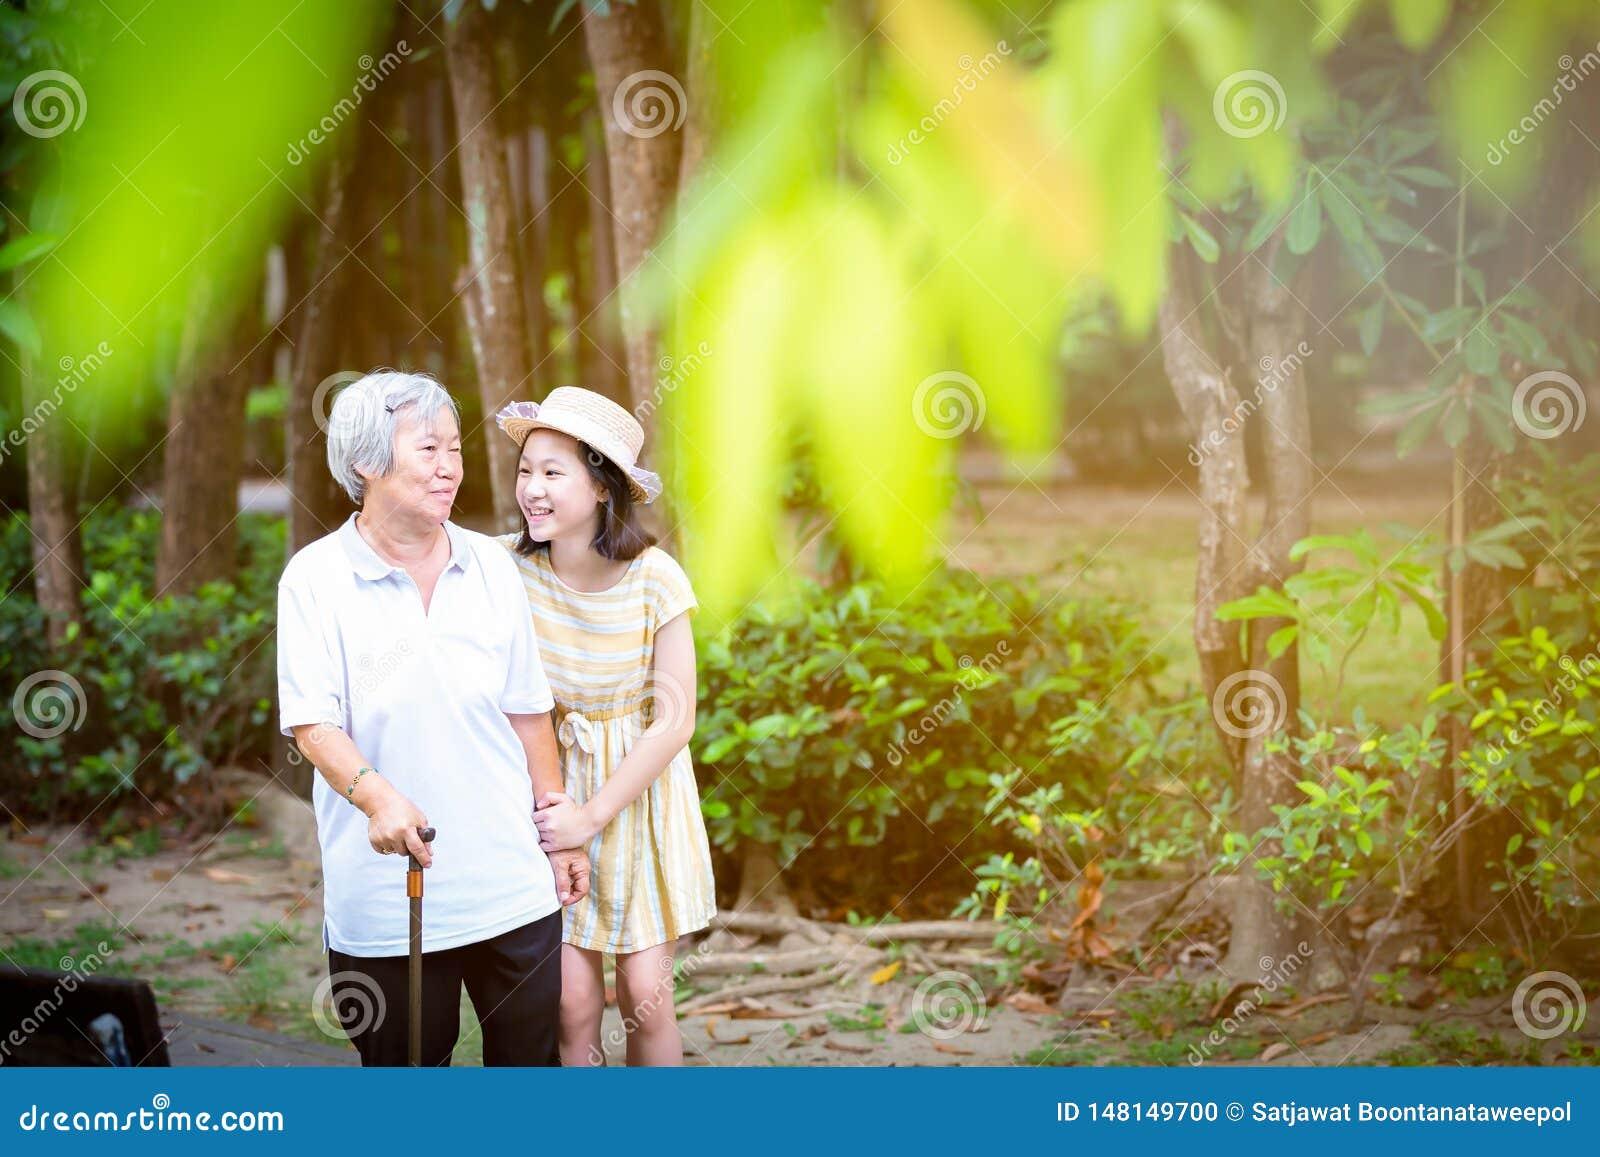 Ασιατικό μικρό κορίτσι που υποστηρίζει την ανώτερη γυναίκα με το ραβδί περπατήματος, την ευτυχείς χαμογελώντας γιαγιά και την εγγ